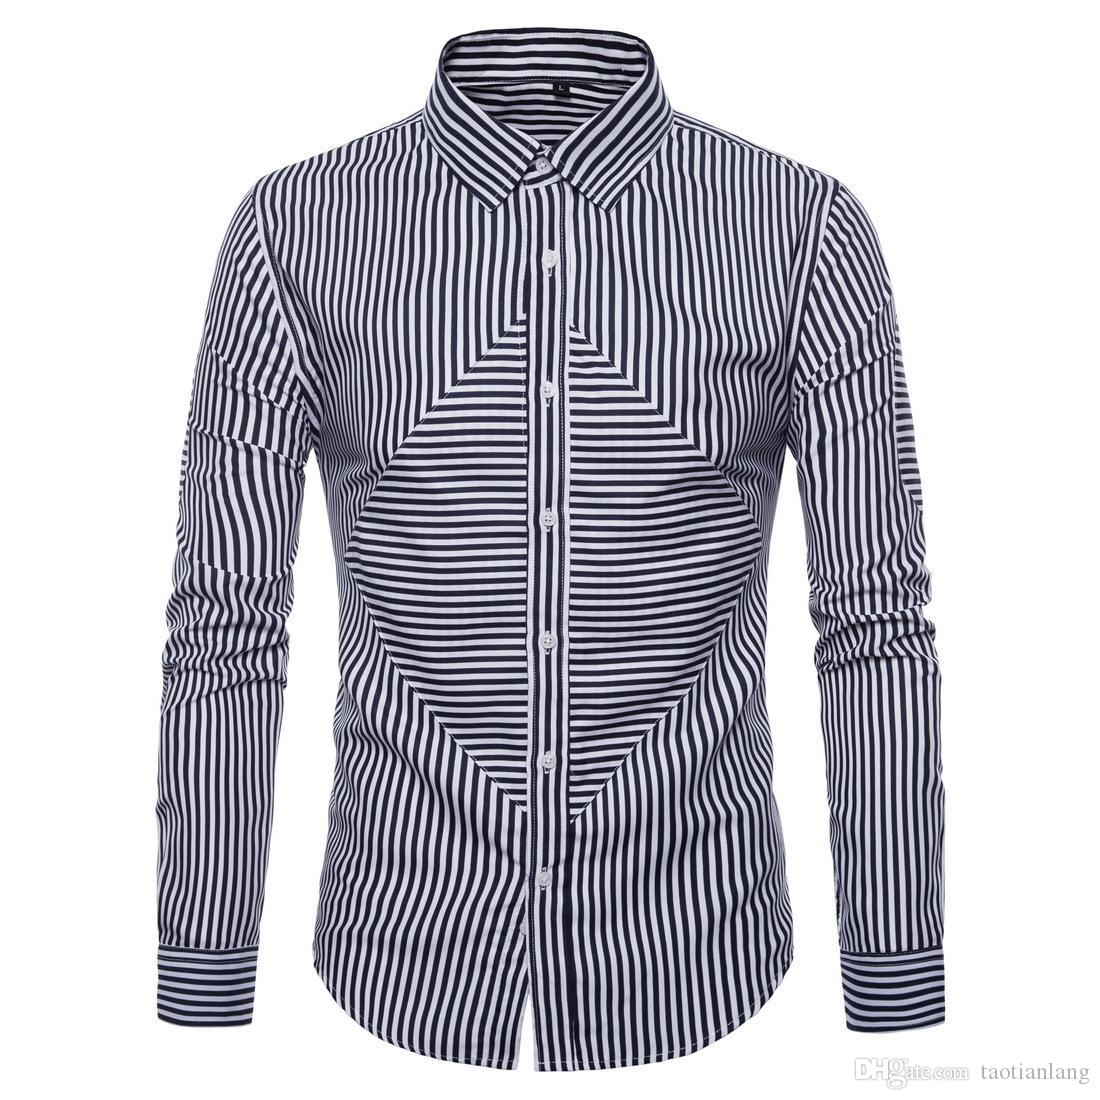 Erkekler Şerit Gömlek Moda Sonbahar Uzun Kollu Iş Gömlek Mens Pamuk Blend Erkekler Için Rahat Elbise Gömlek S-2XL J180730